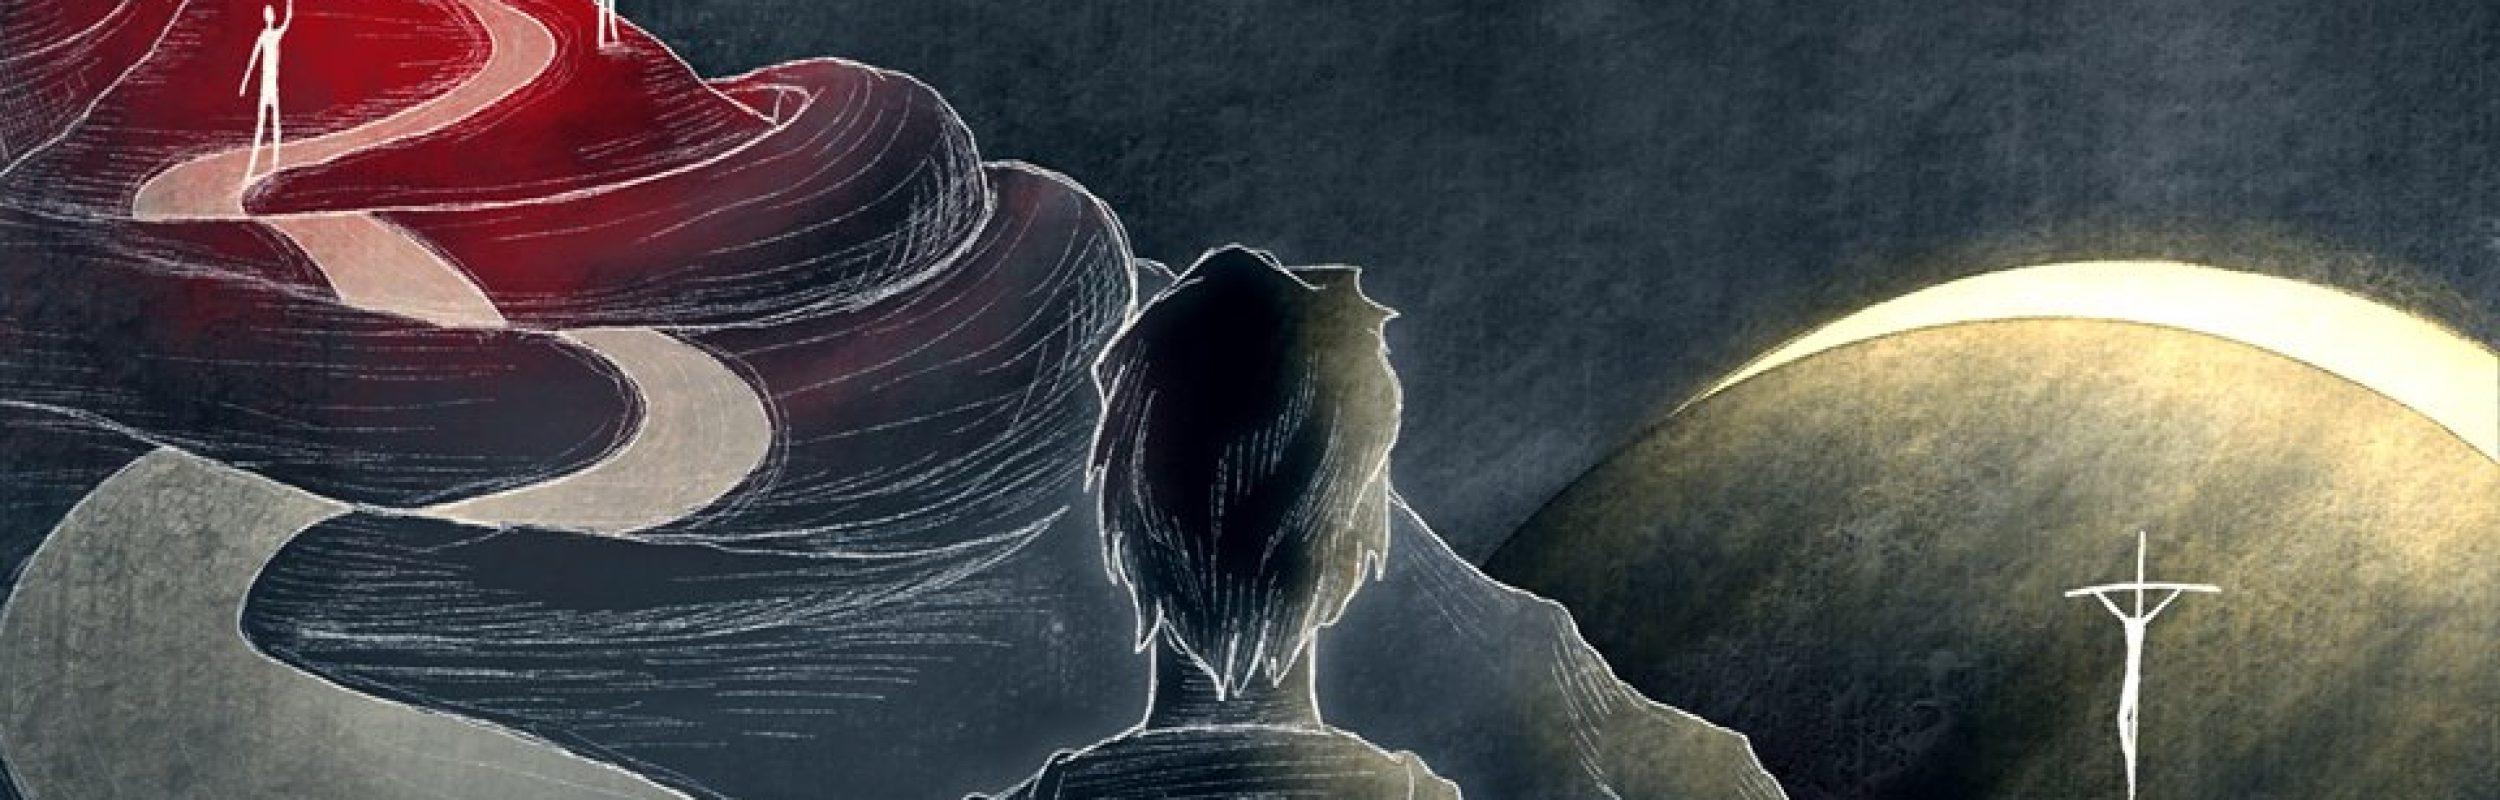 Cuatro características de los falsos conversos y cómo identificarlos